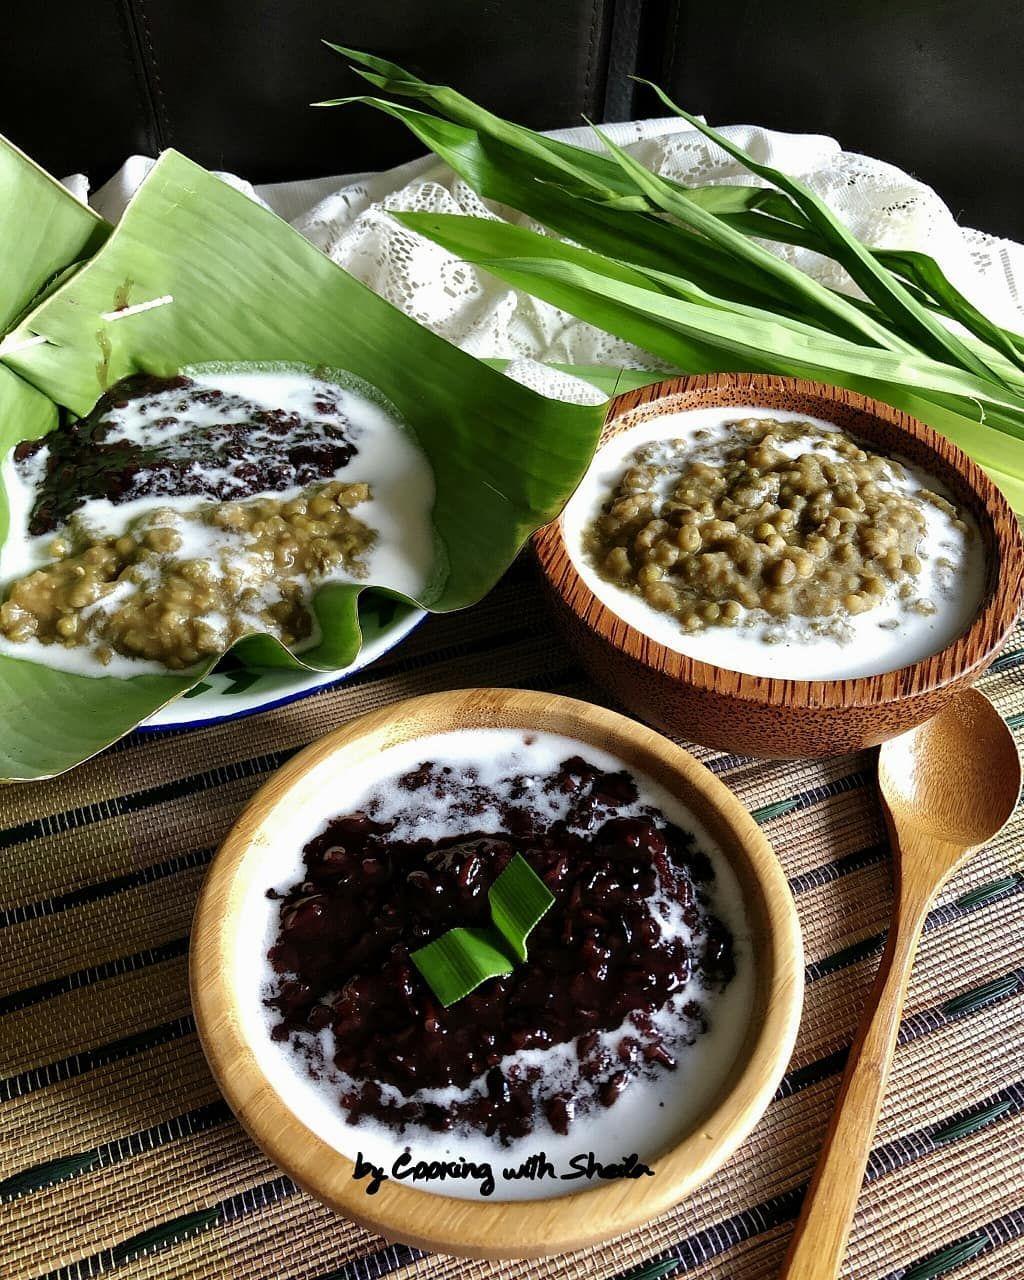 Resep Bubur Kacang Hijau Ketan Hitam : resep, bubur, kacang, hijau, ketan, hitam, Dessert